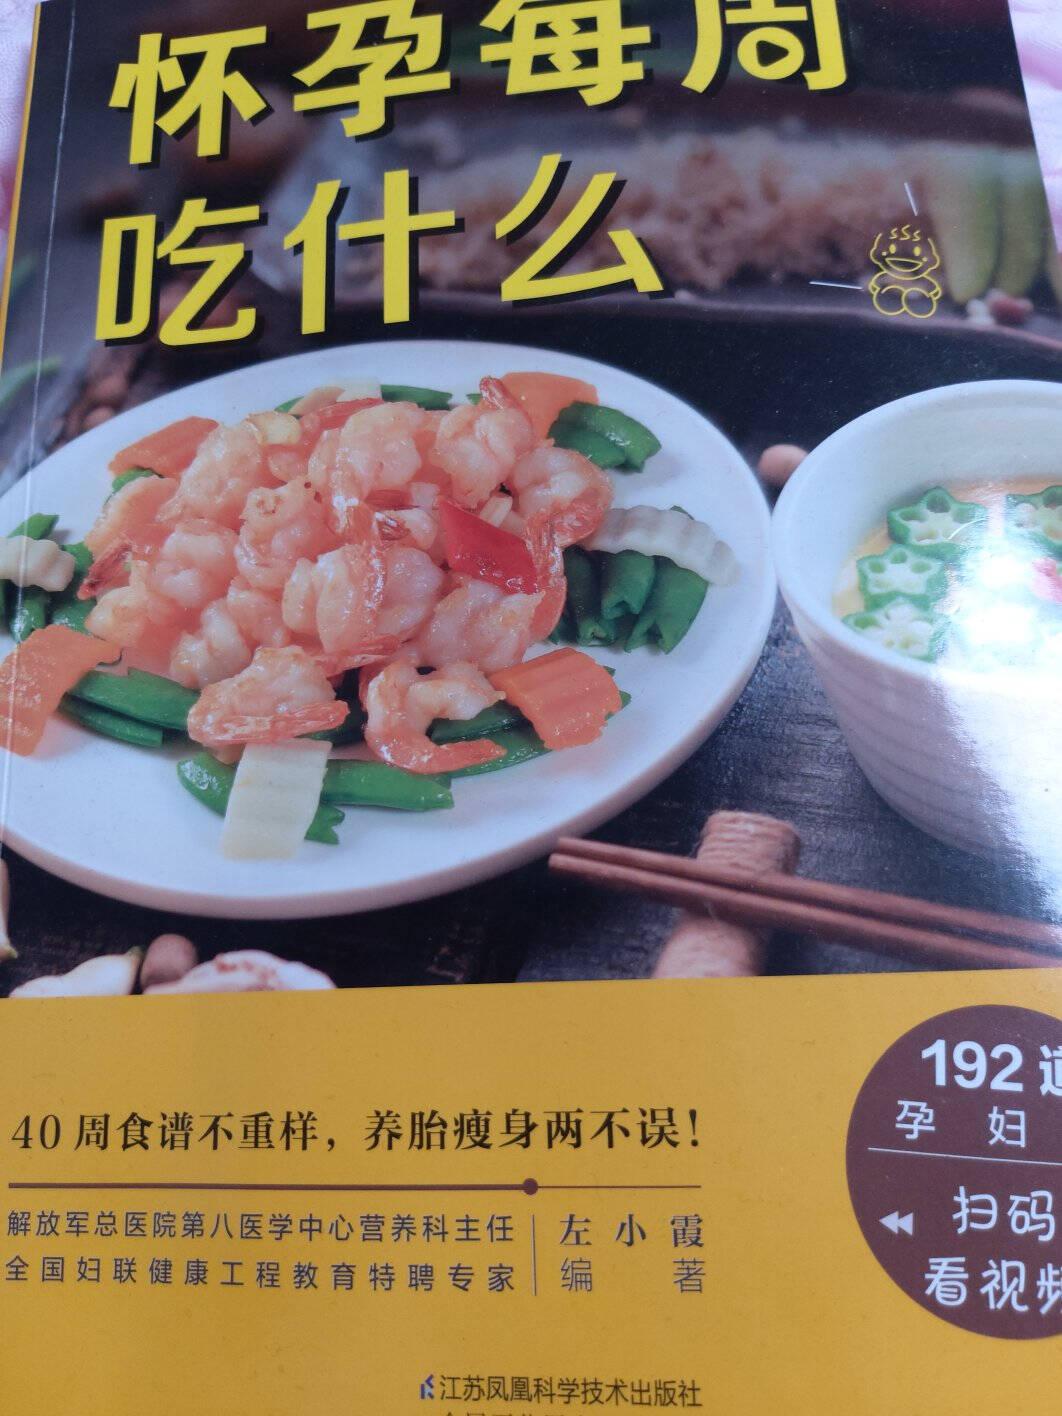 怀孕每周吃什么(汉竹)